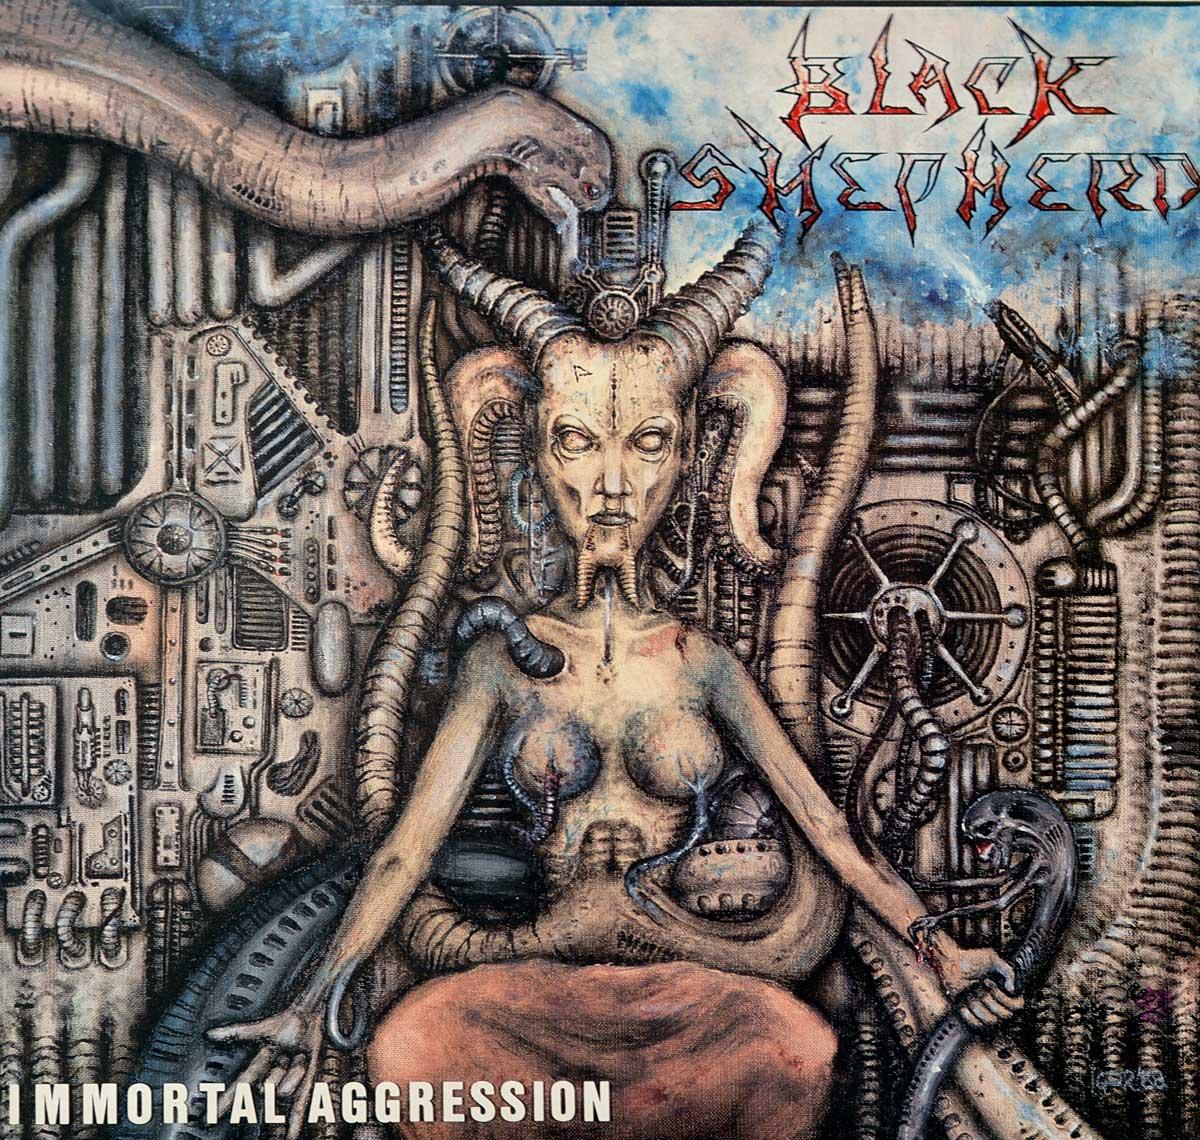 Album Front Cover Photo of BLACK SHEPHERD (Belgium) - Immortal Aggression